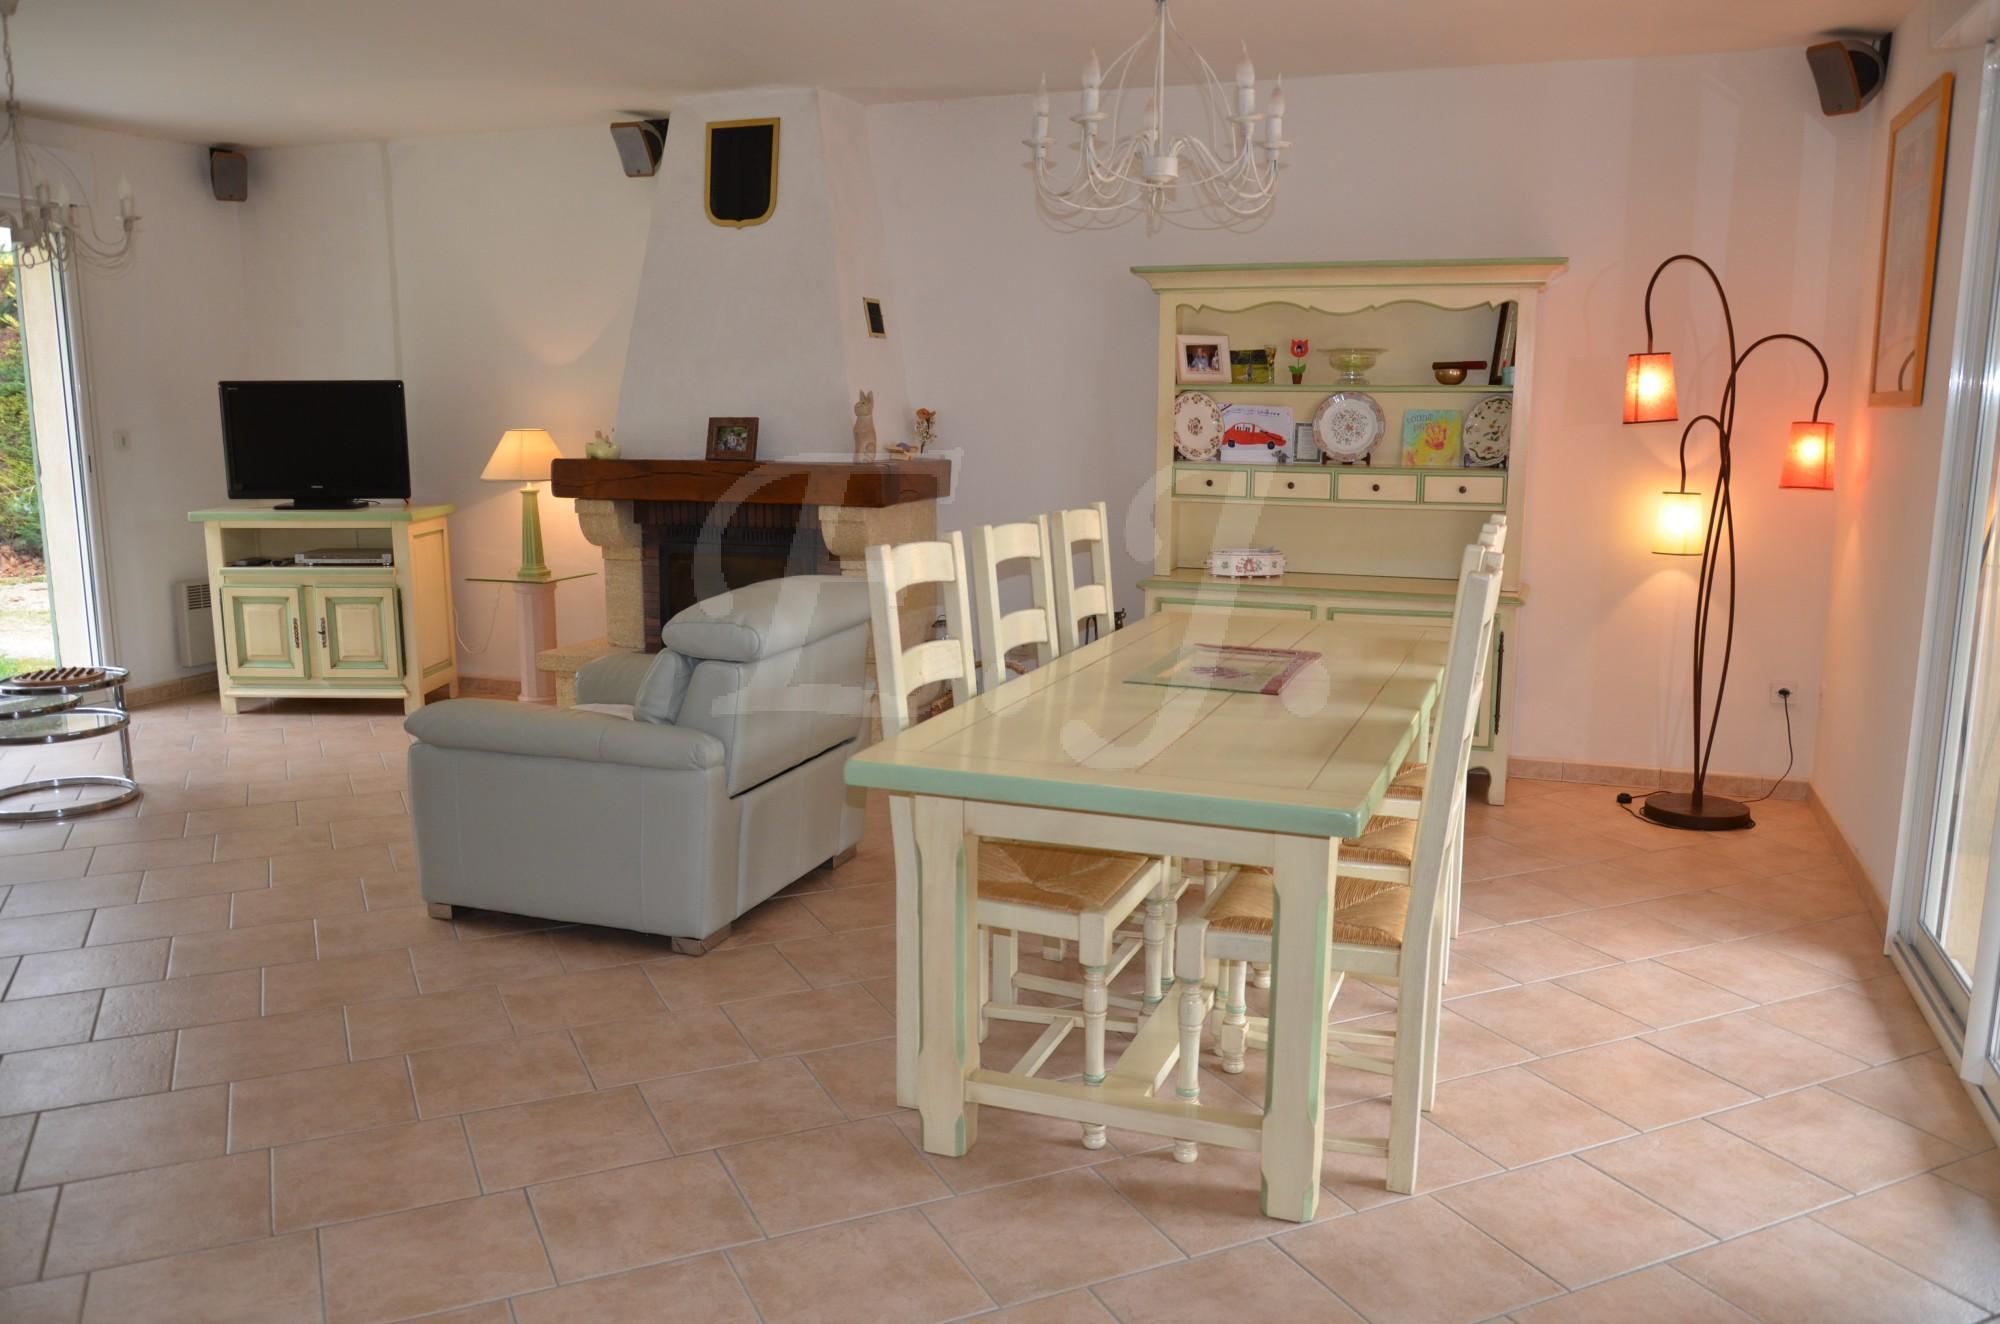 Ventes Villa T6 F6 CHEVAL BLANC en campagne avec studio salon d ...